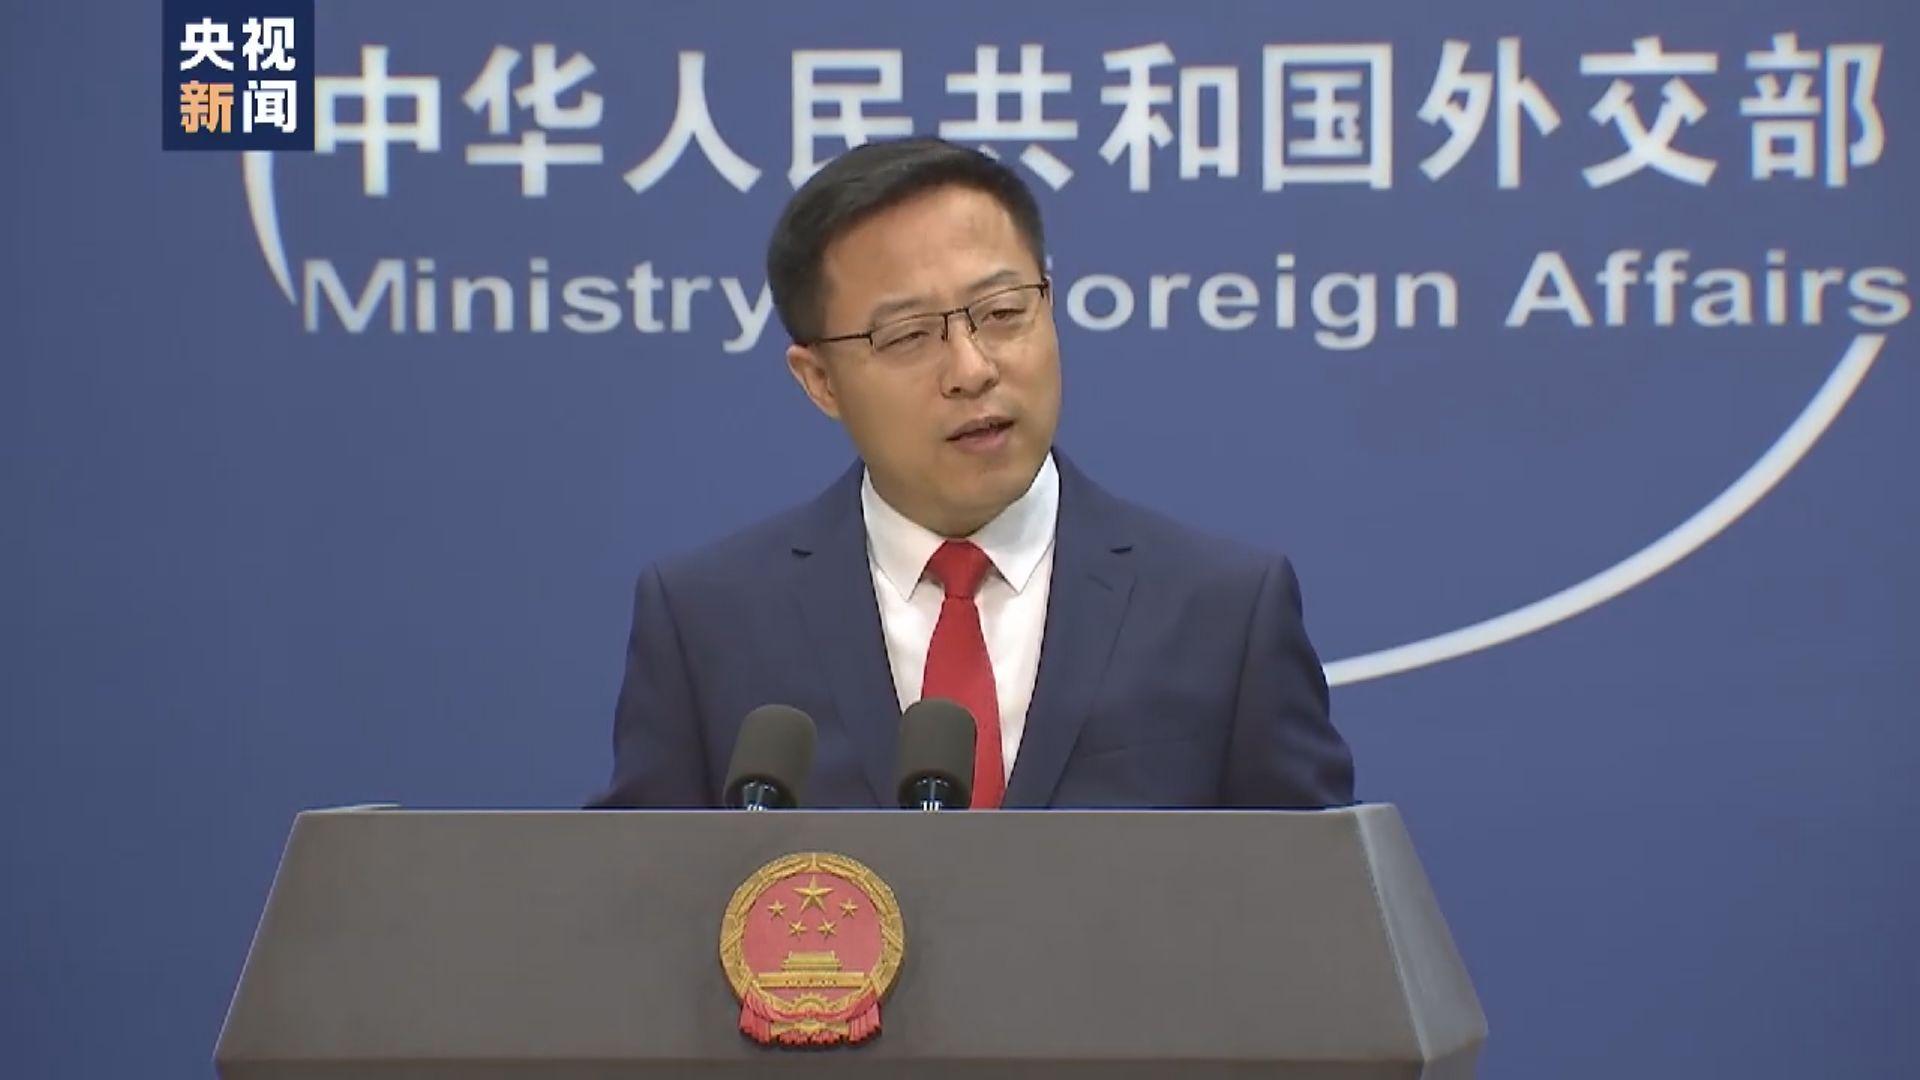 外交部批美國制裁中國企業和相關人員是霸道邏輯